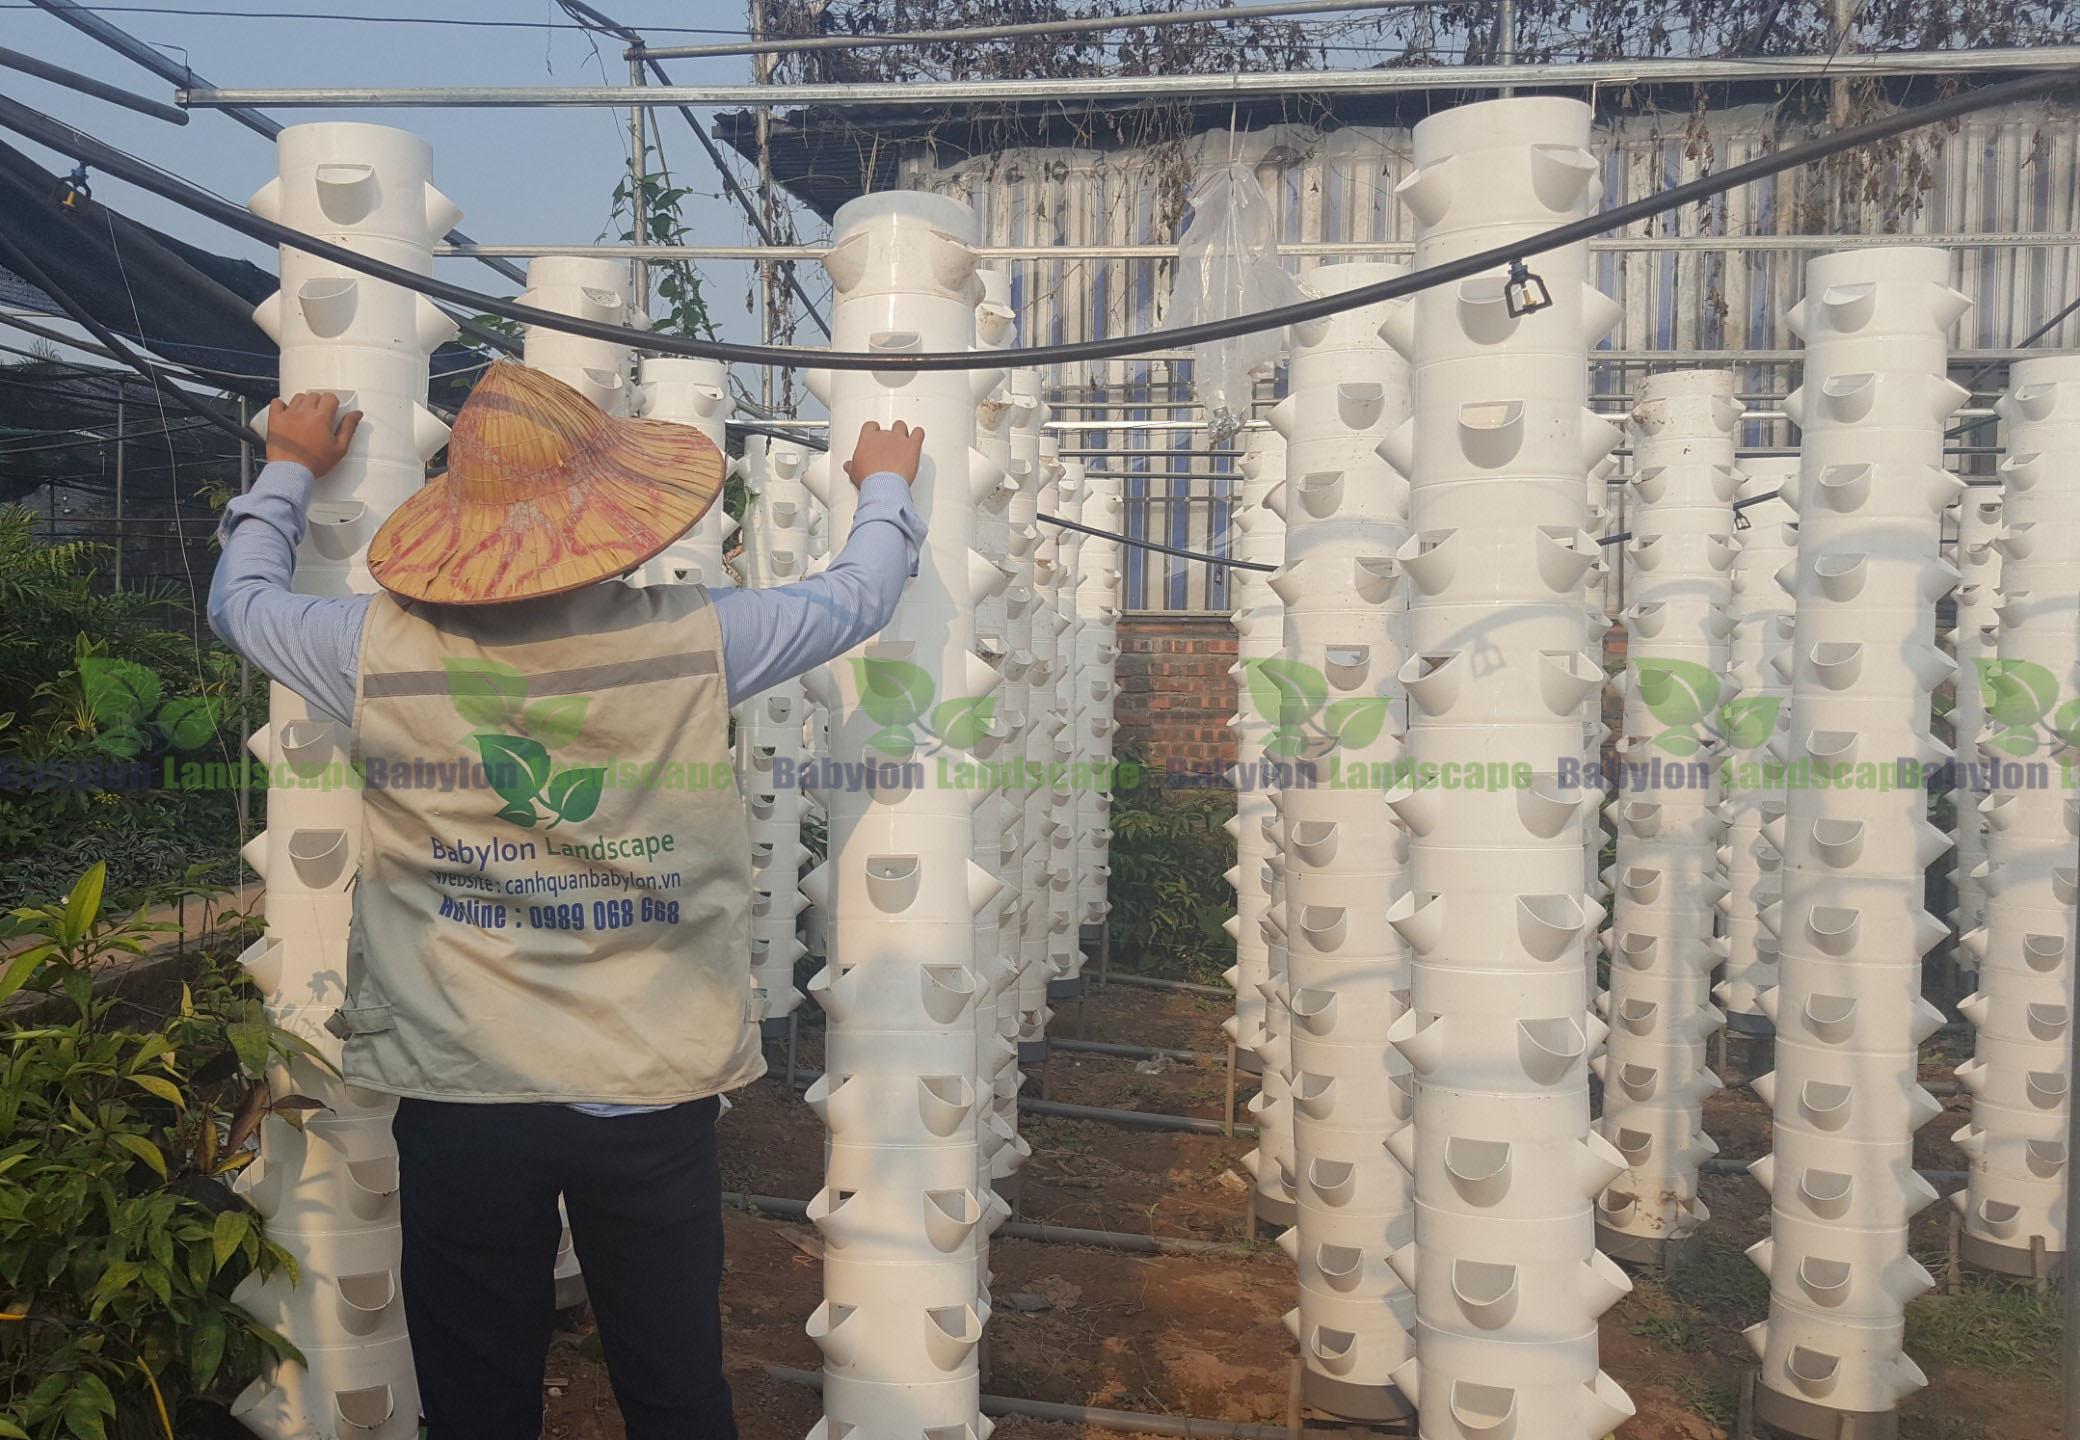 Vườn ươm cây trồng khí canh dự bị mang lại lợi ích gì?